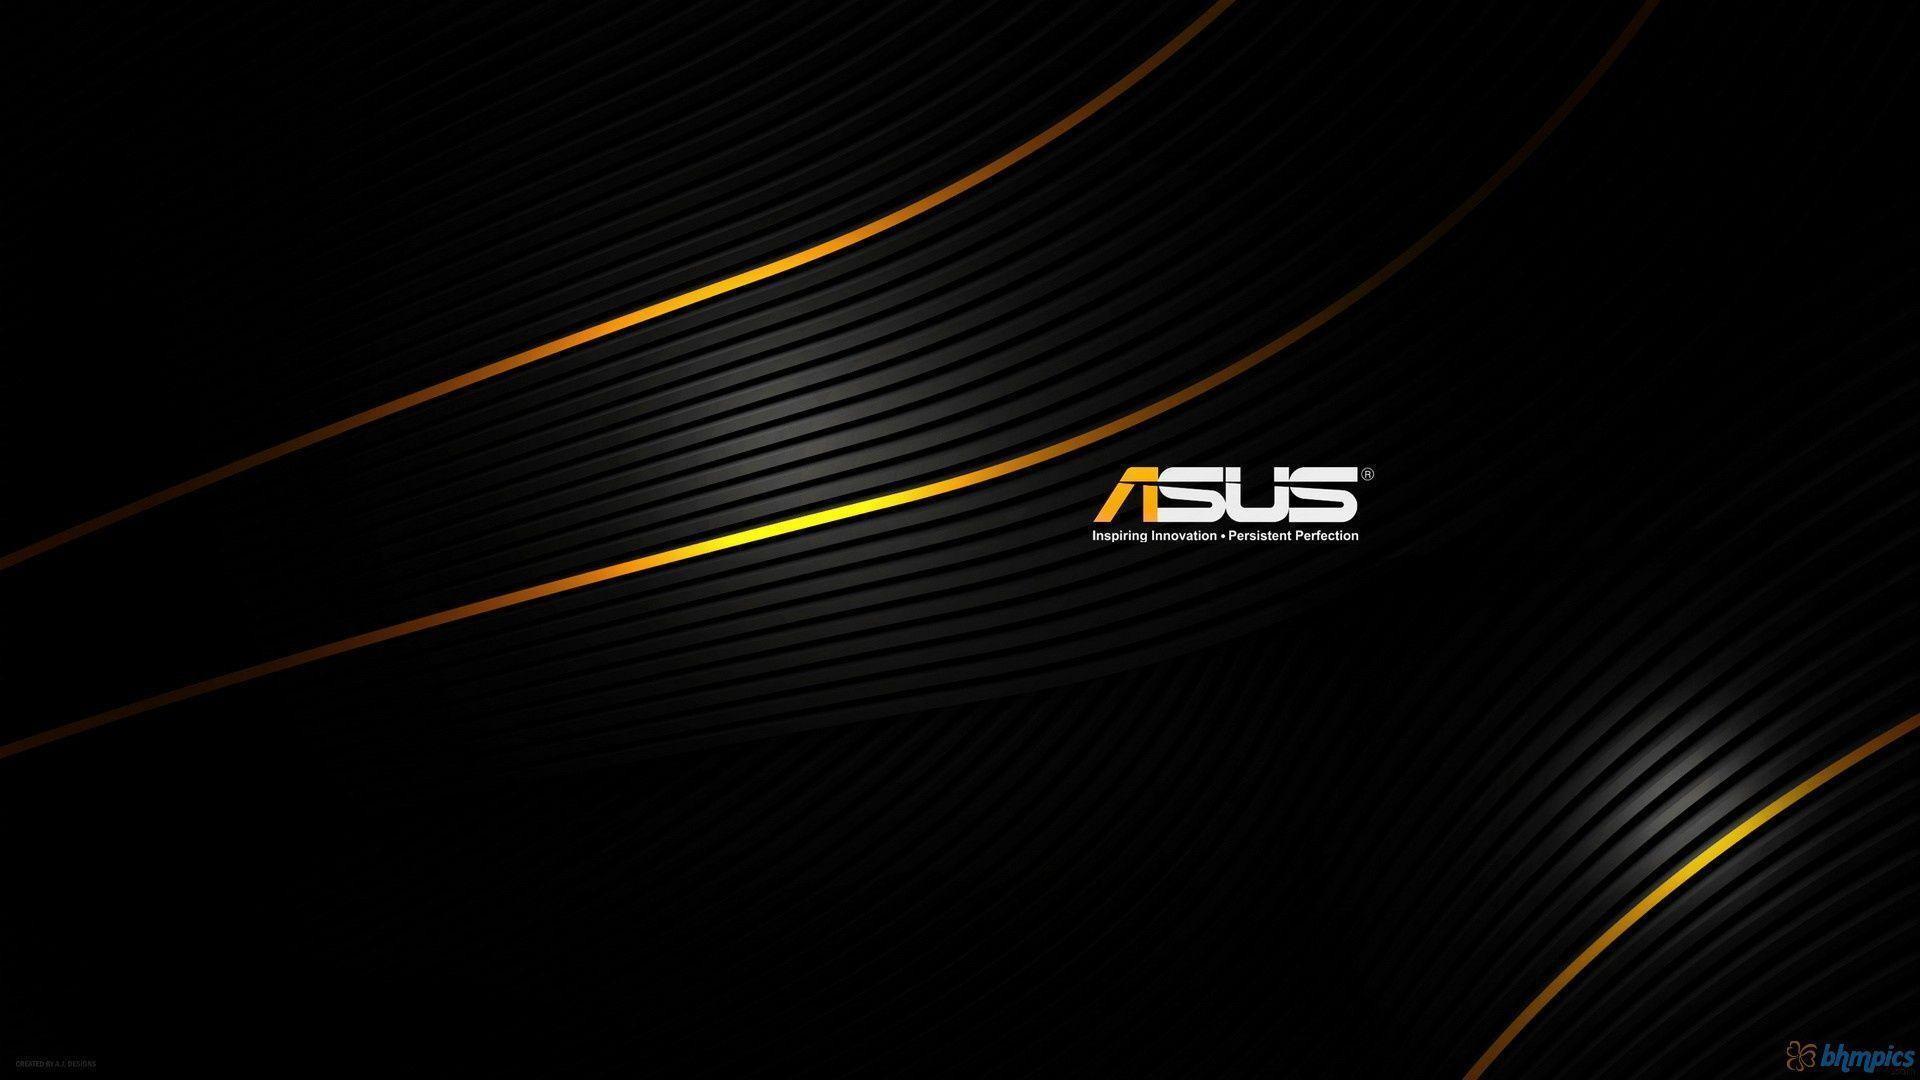 Asus Desktop Backgrounds (74+ images)